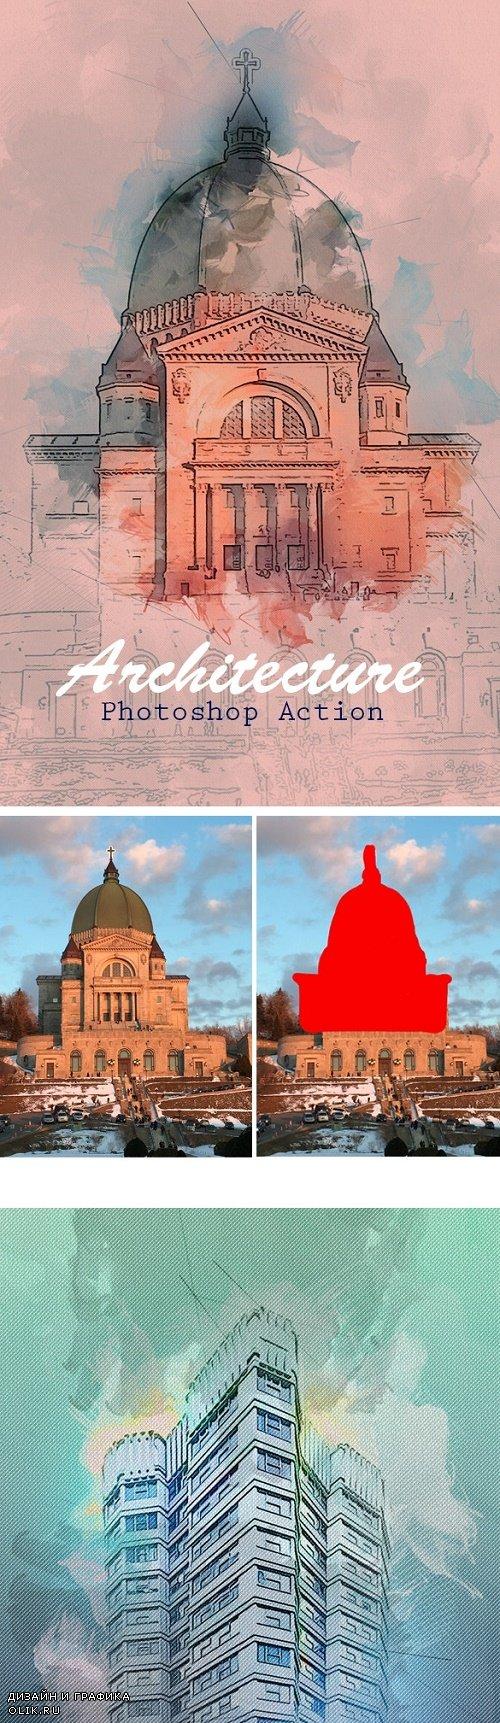 Architecture Photoshop Action 23667924